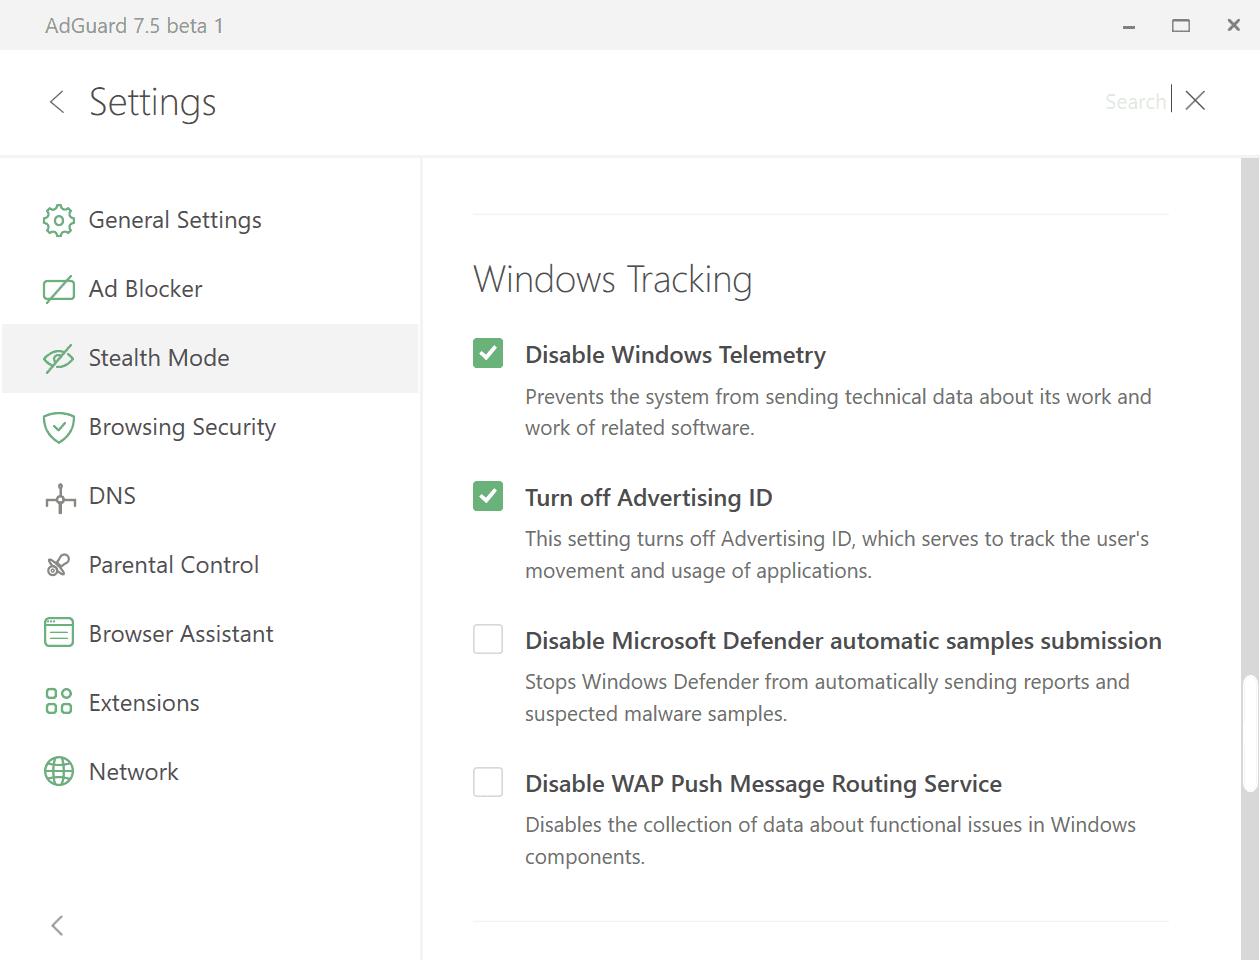 adguard 7.5 beta